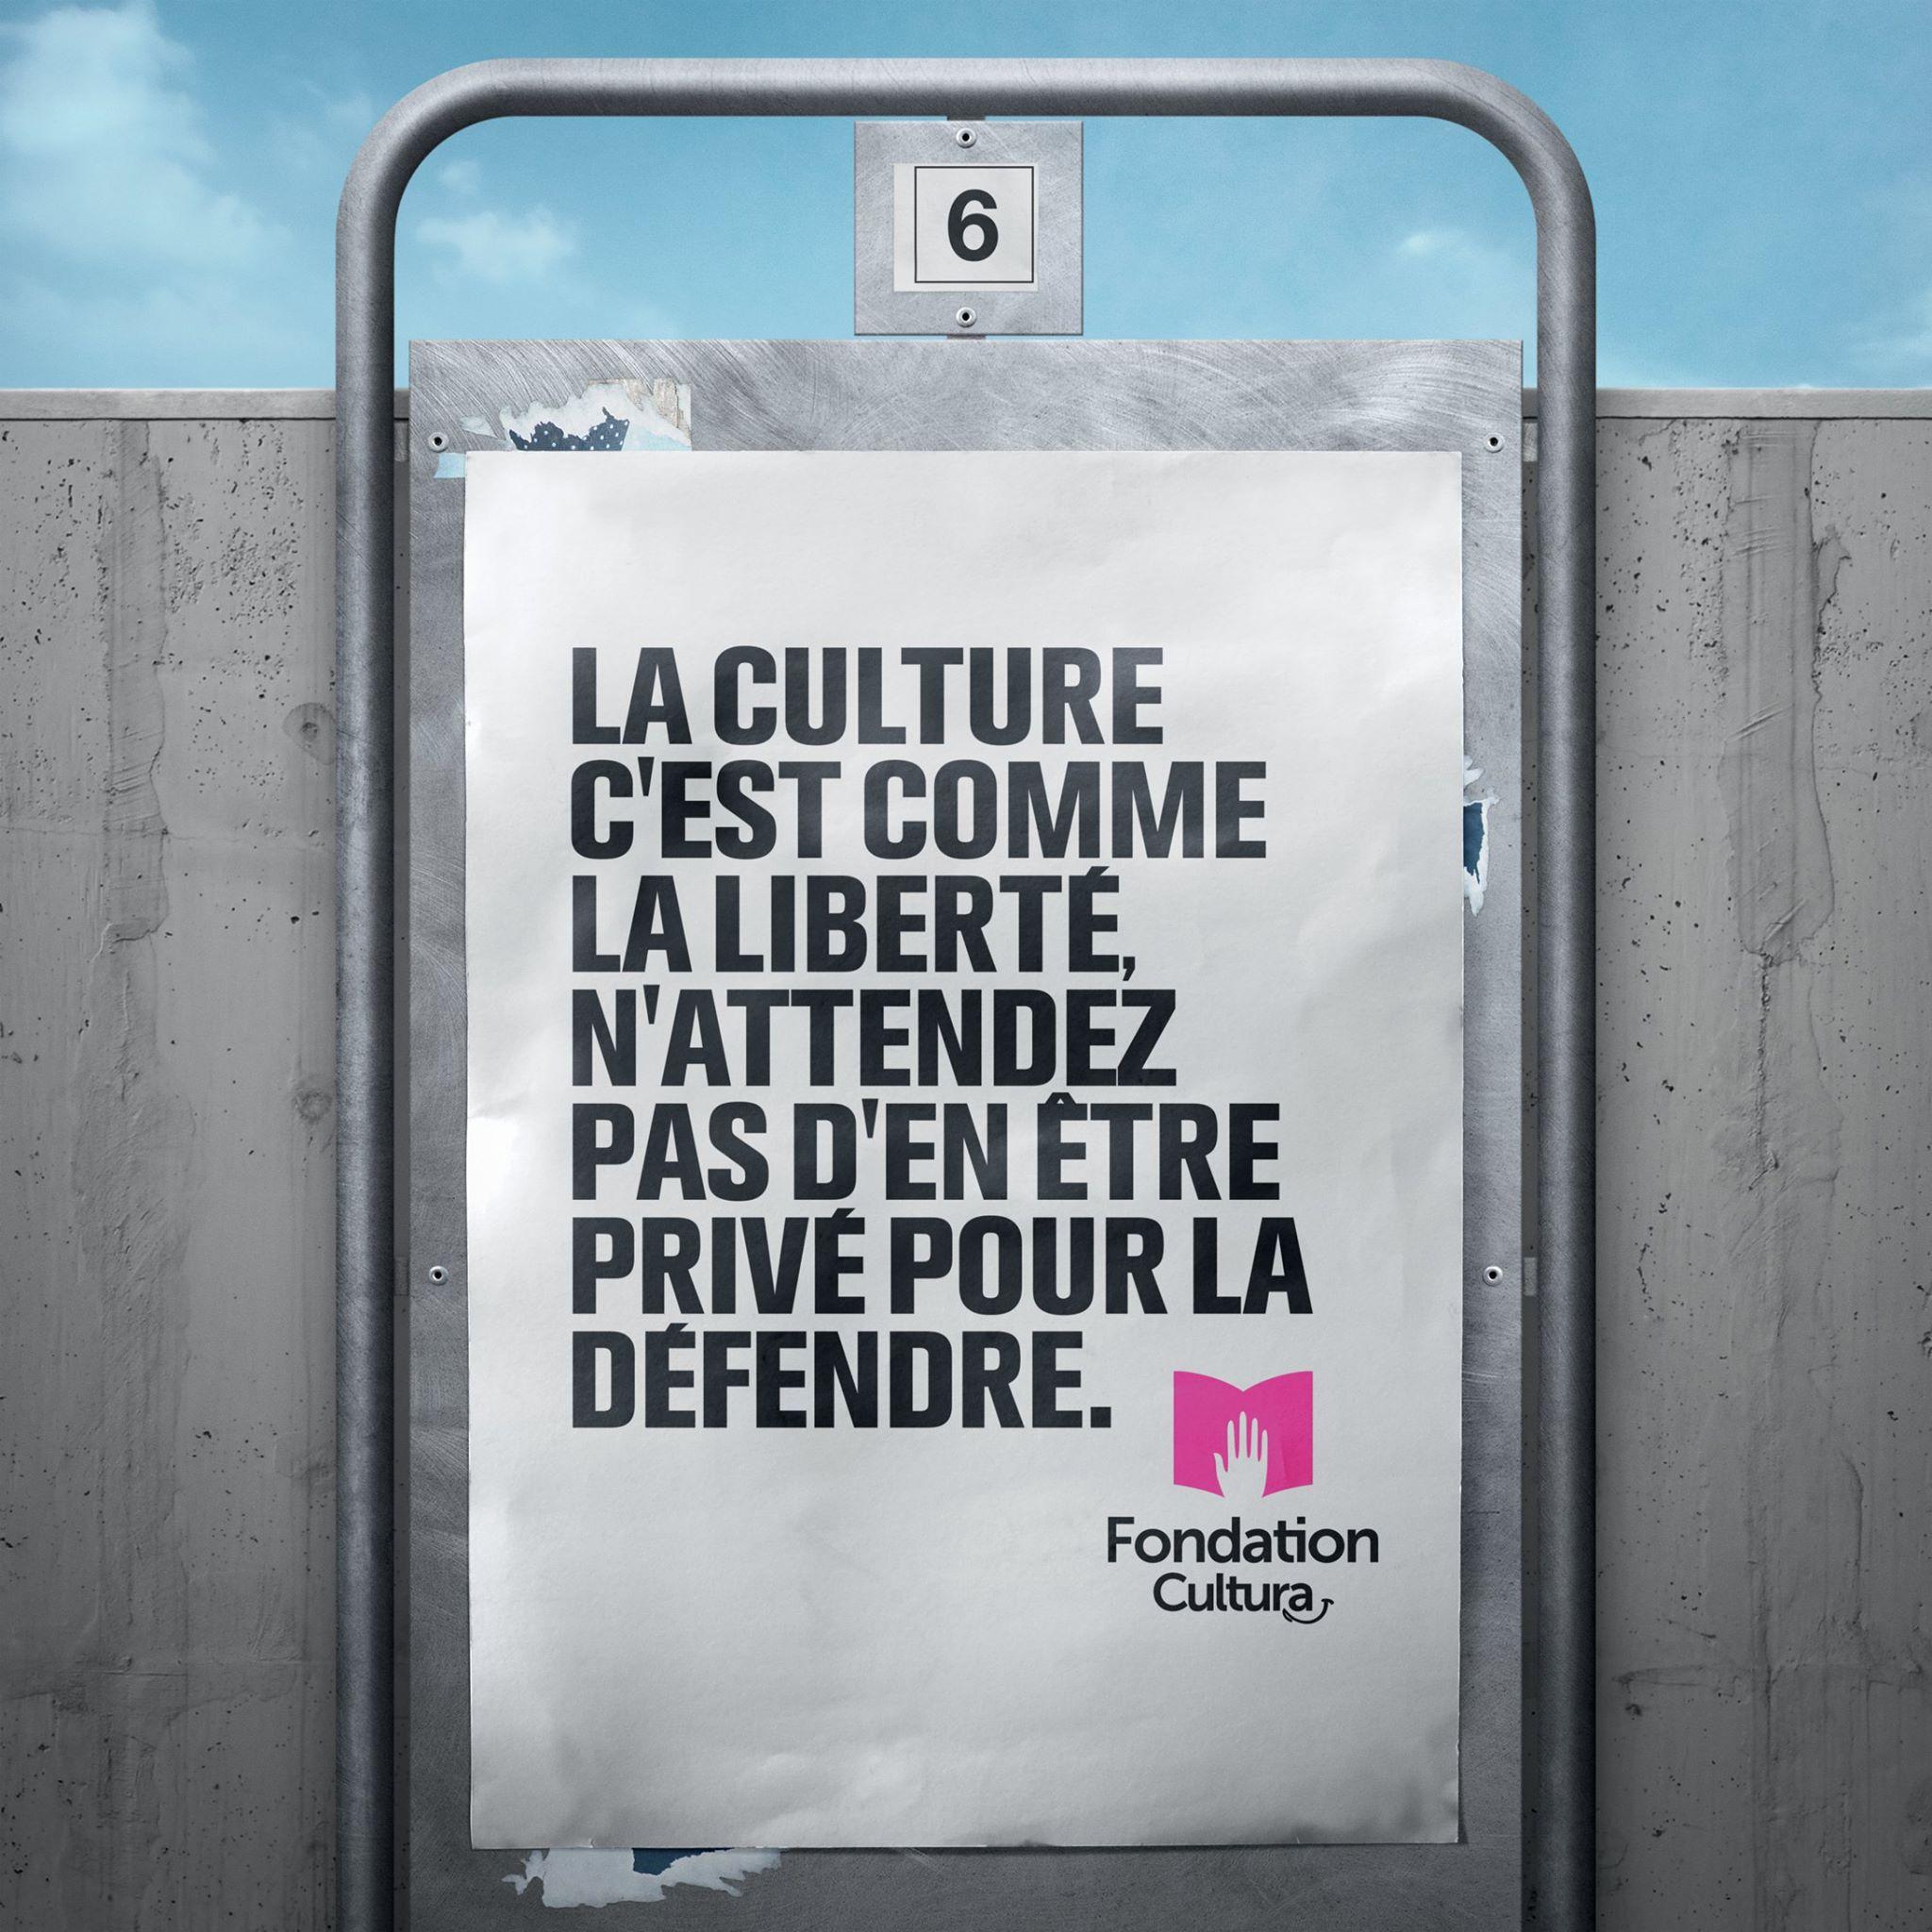 fondation-cultura-publicite-communication-affiche-la-culture-presidentielle-2017-candidats-agence-st-johns-2